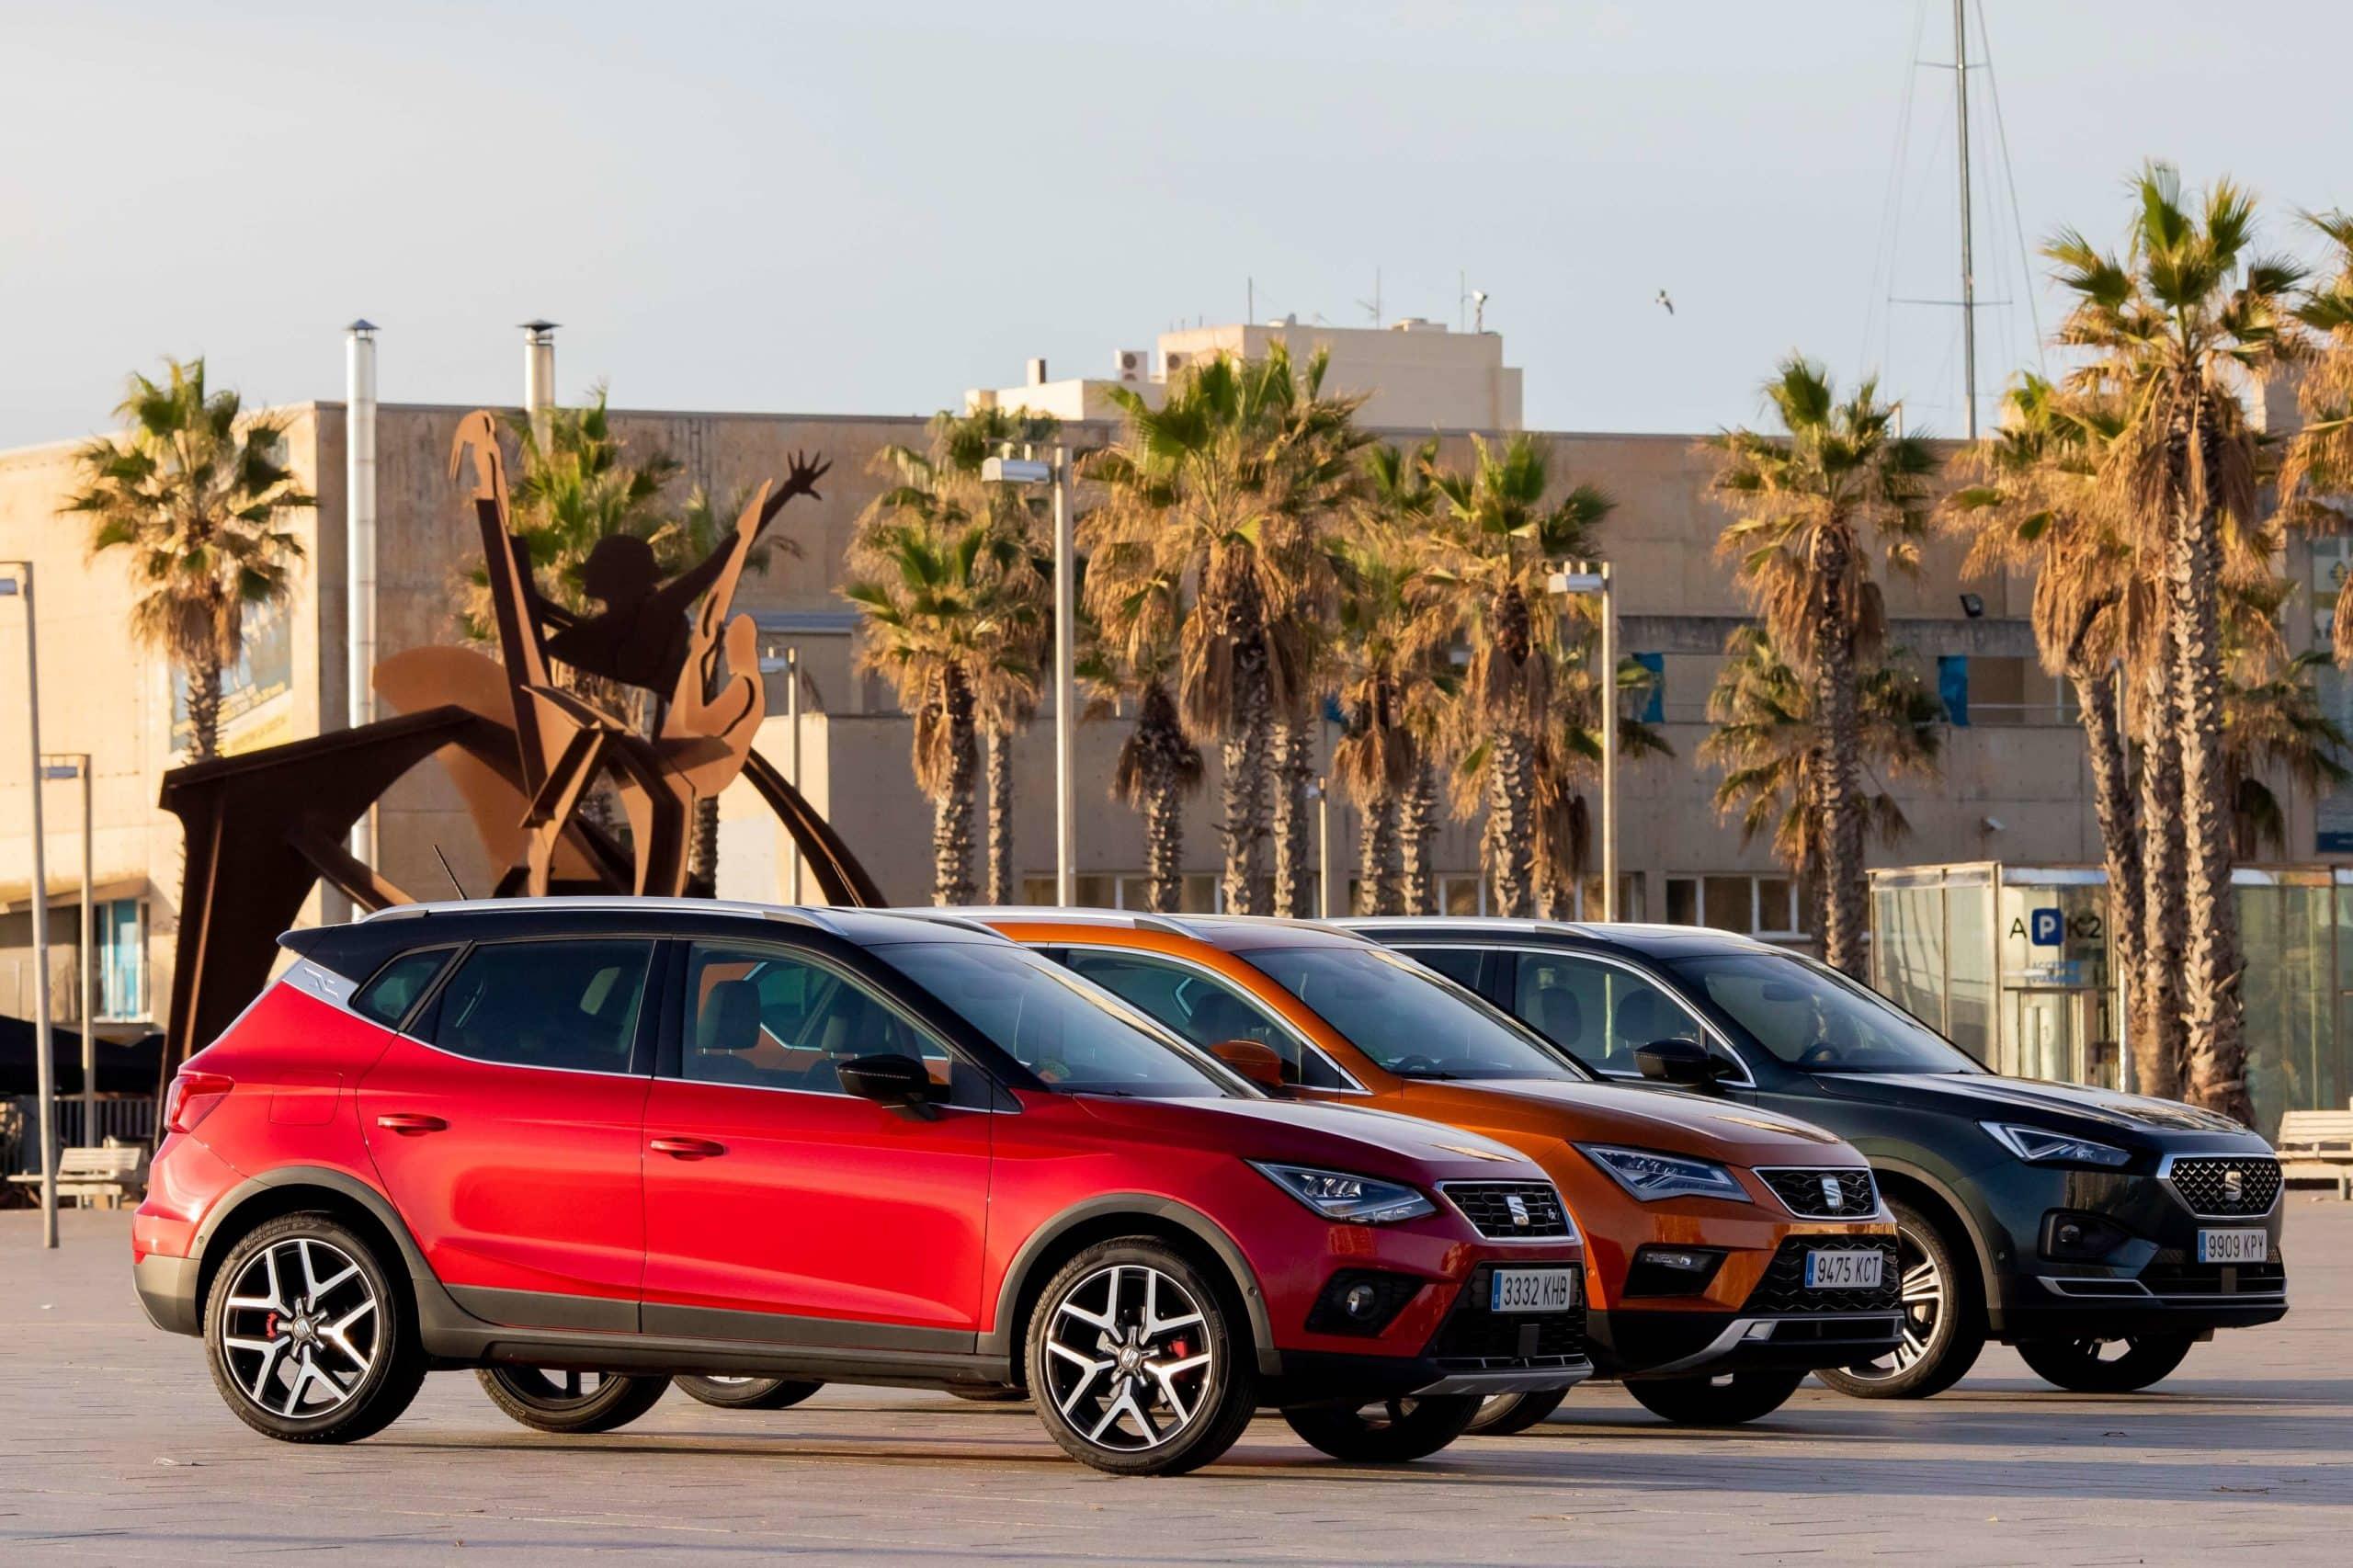 Seat SUV Flotte